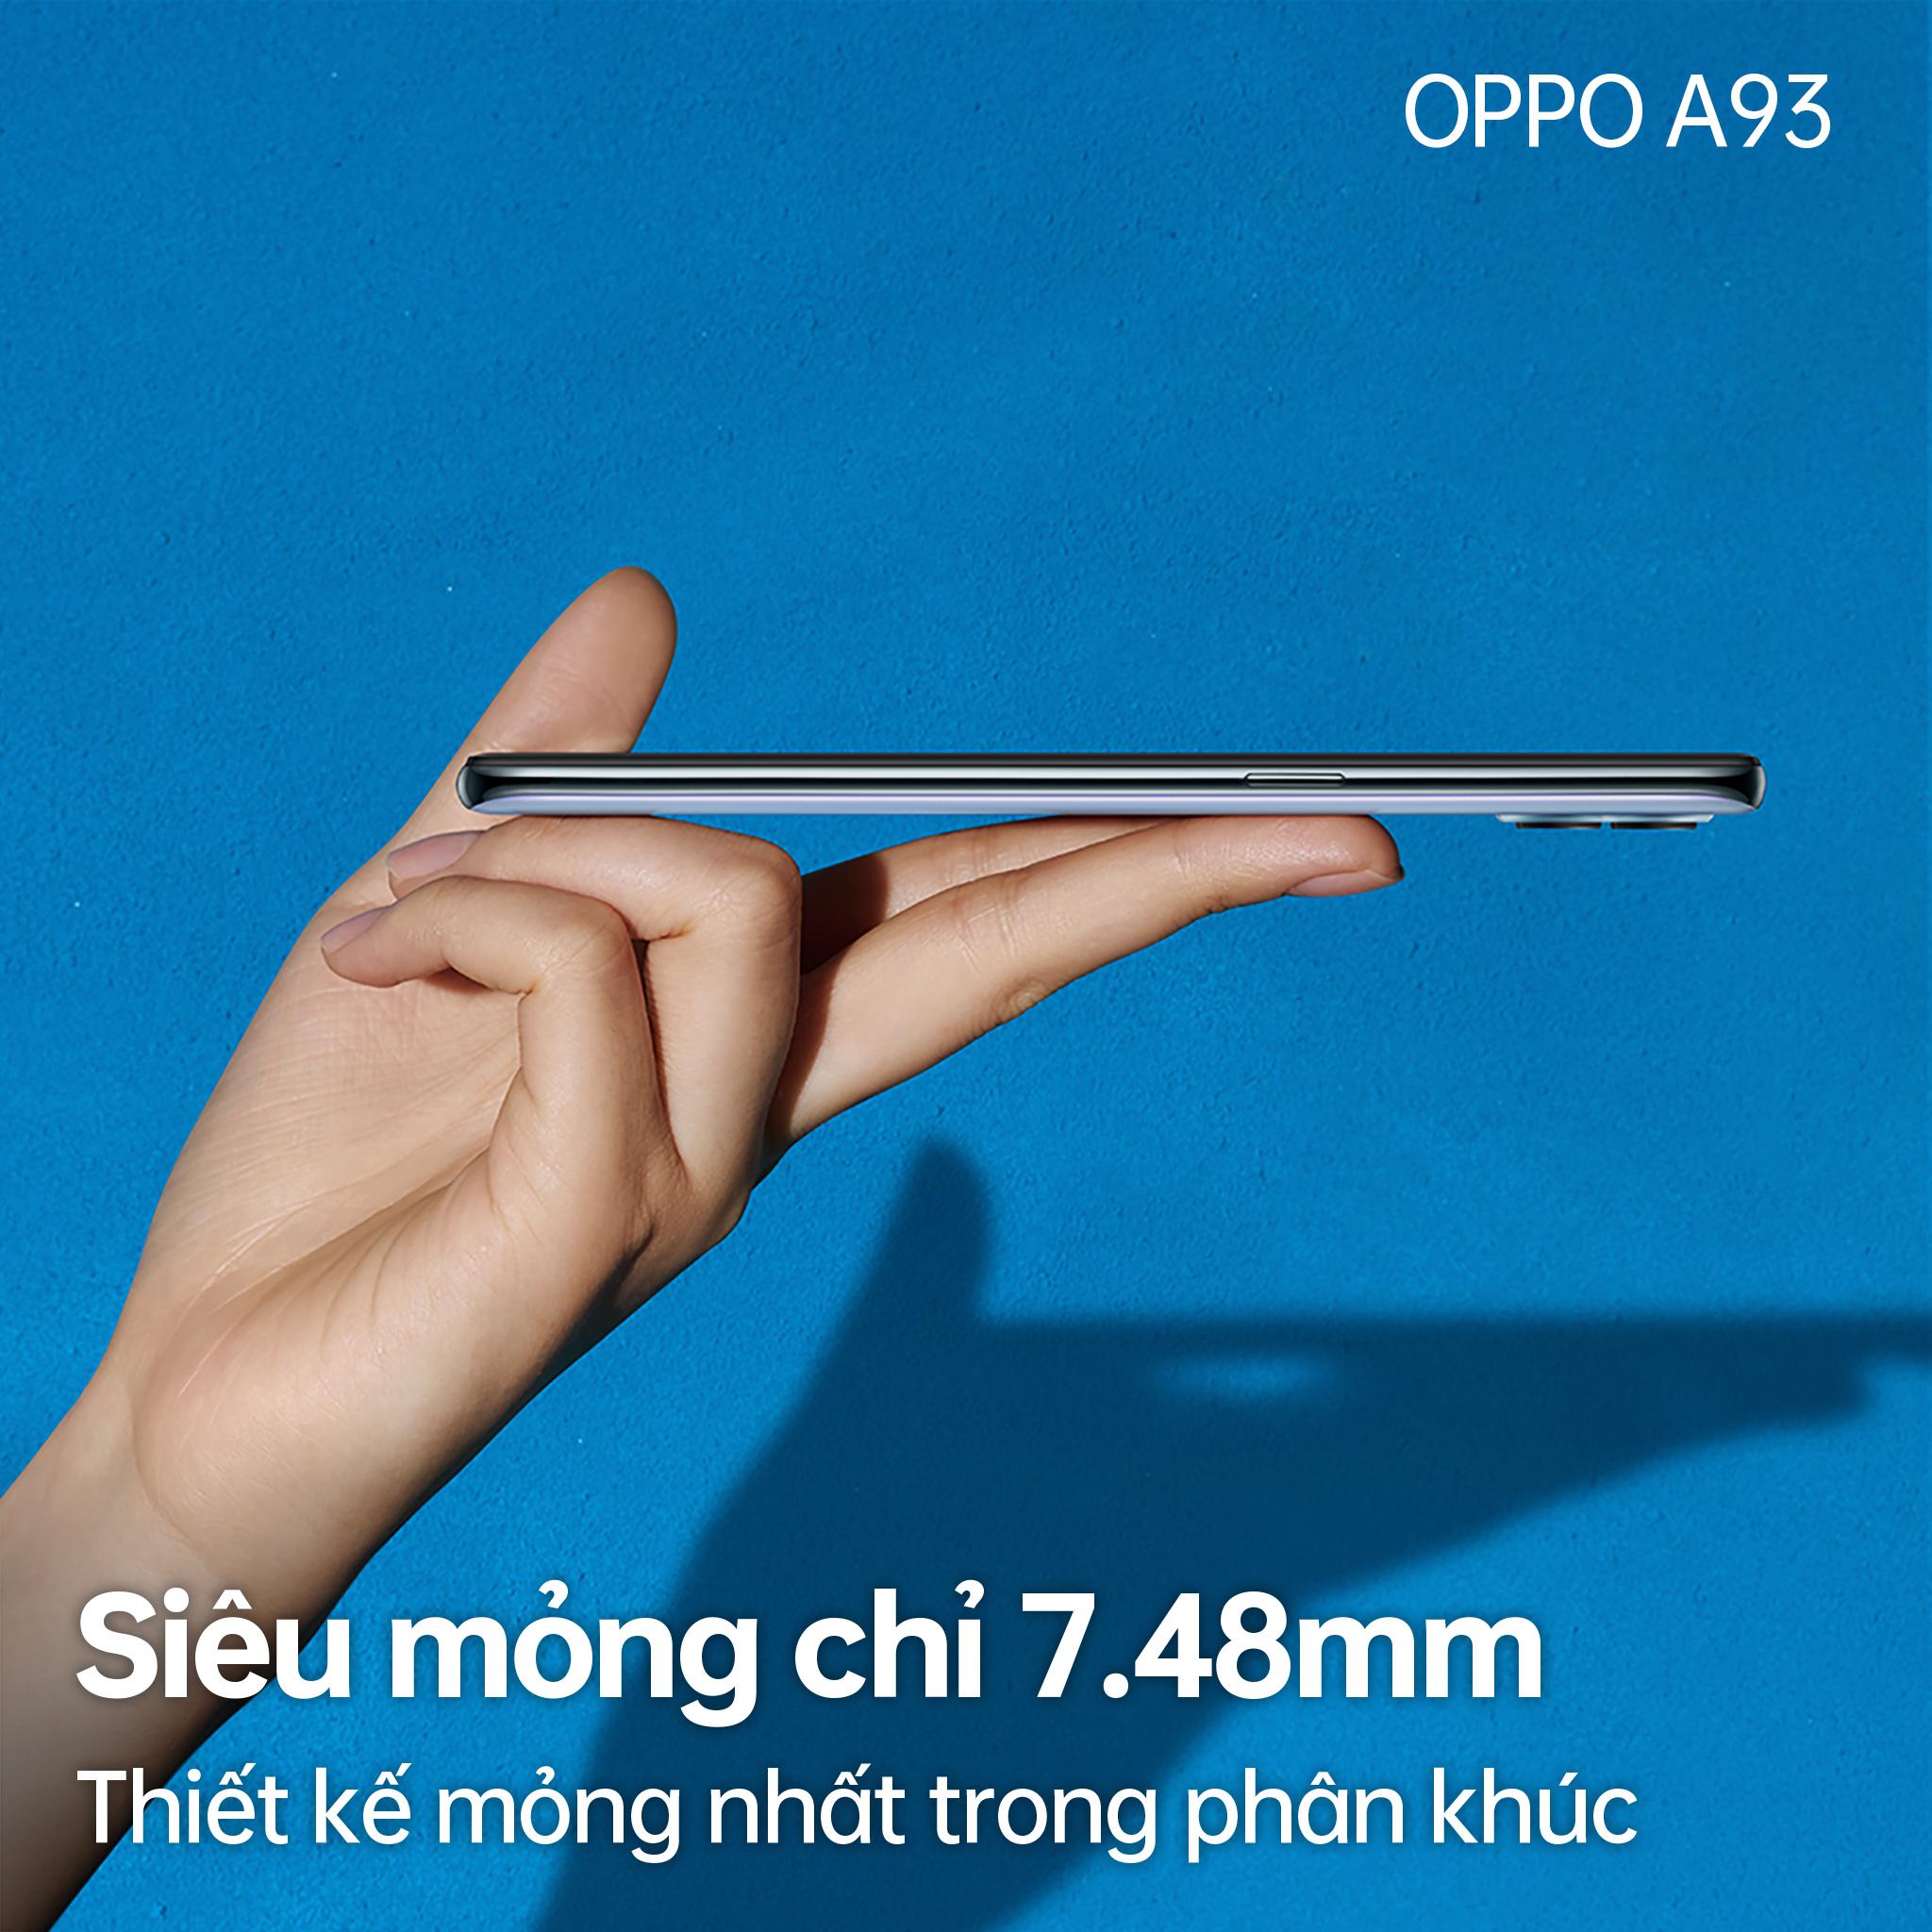 Khám phá 15 tính năng nổi bật của OPPO A93 cho xu hướng AI Camera chất lượng - Ảnh 6.